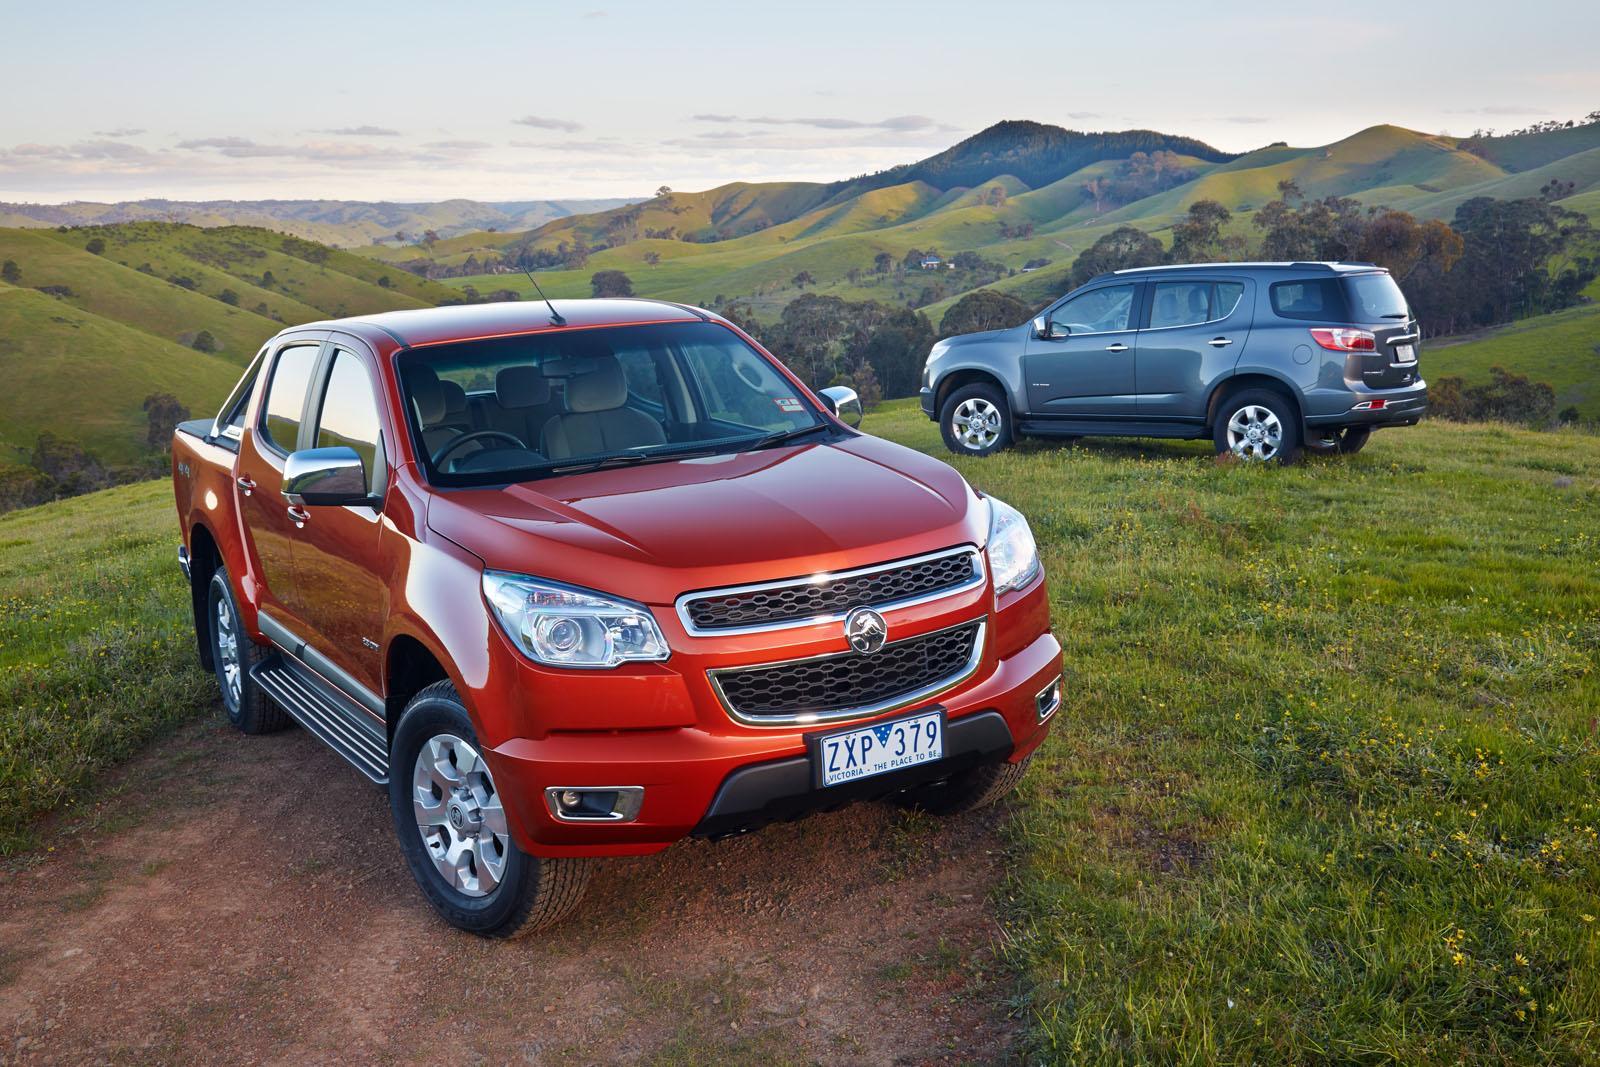 Holden Colorado Colorado Unveiled Photo Galley on Duramax Diesel Torque